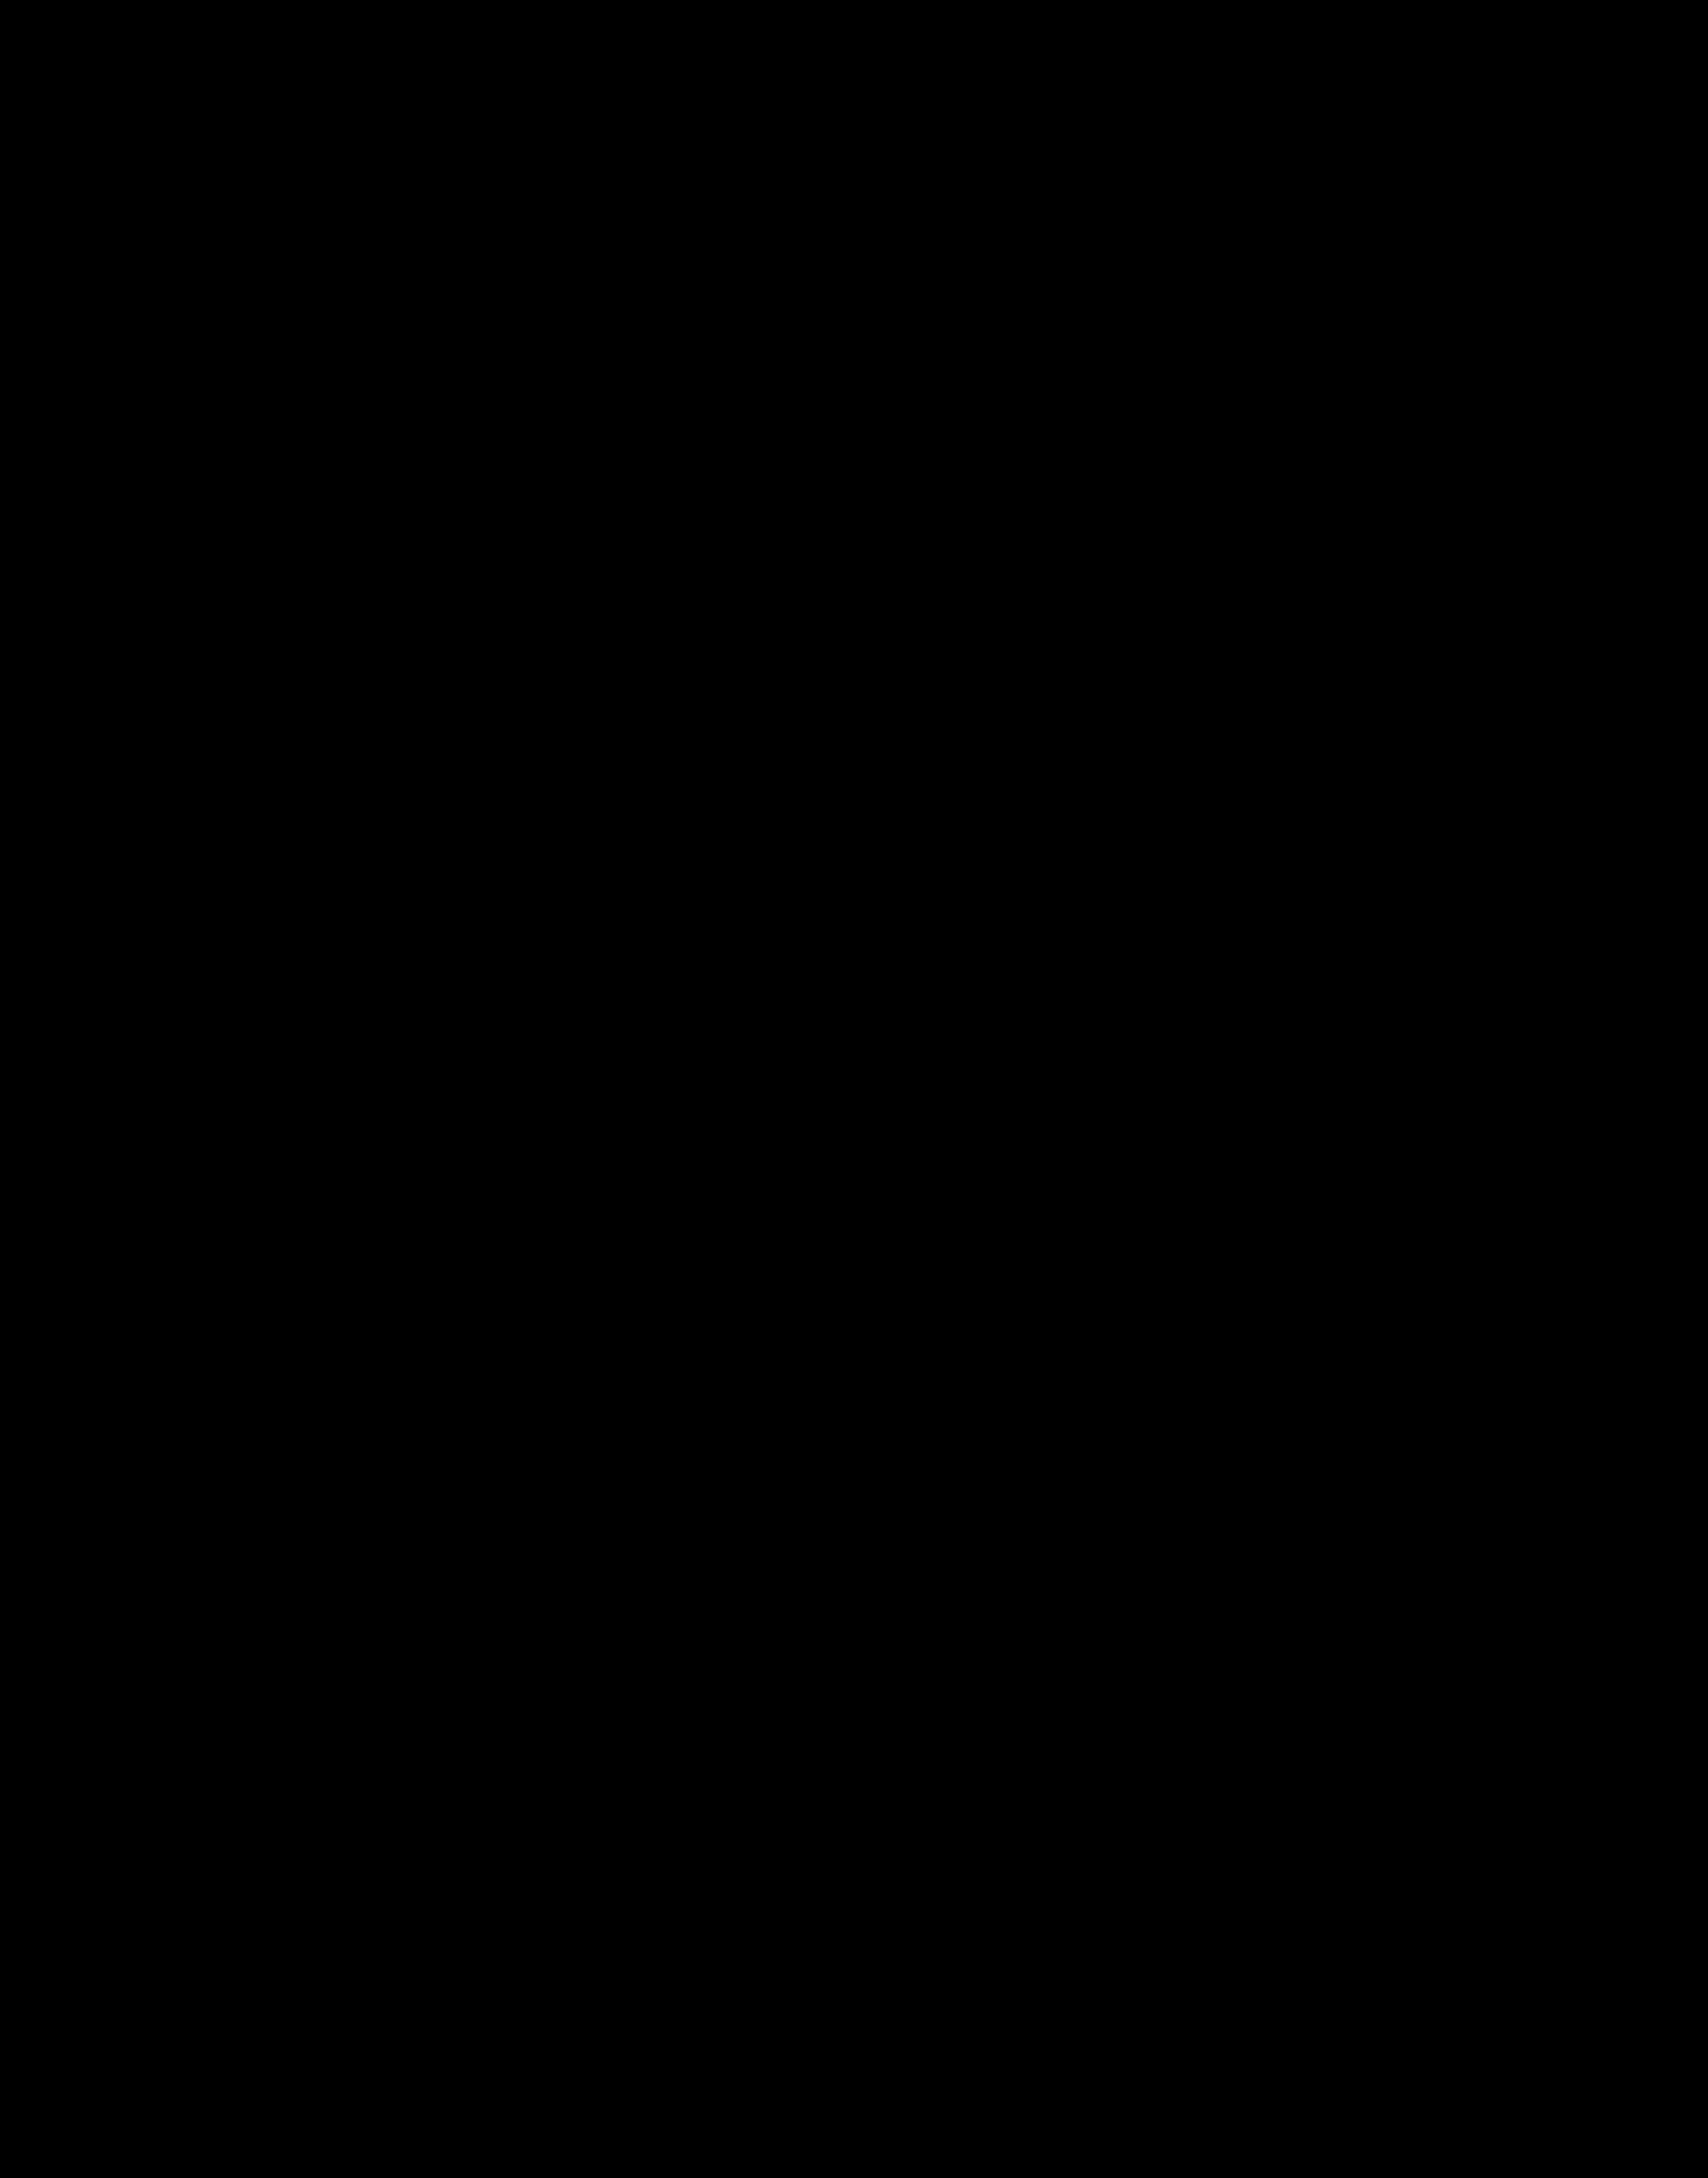 carte de france route File:Carte itinéraire des routes nationales de France et d'Algérie